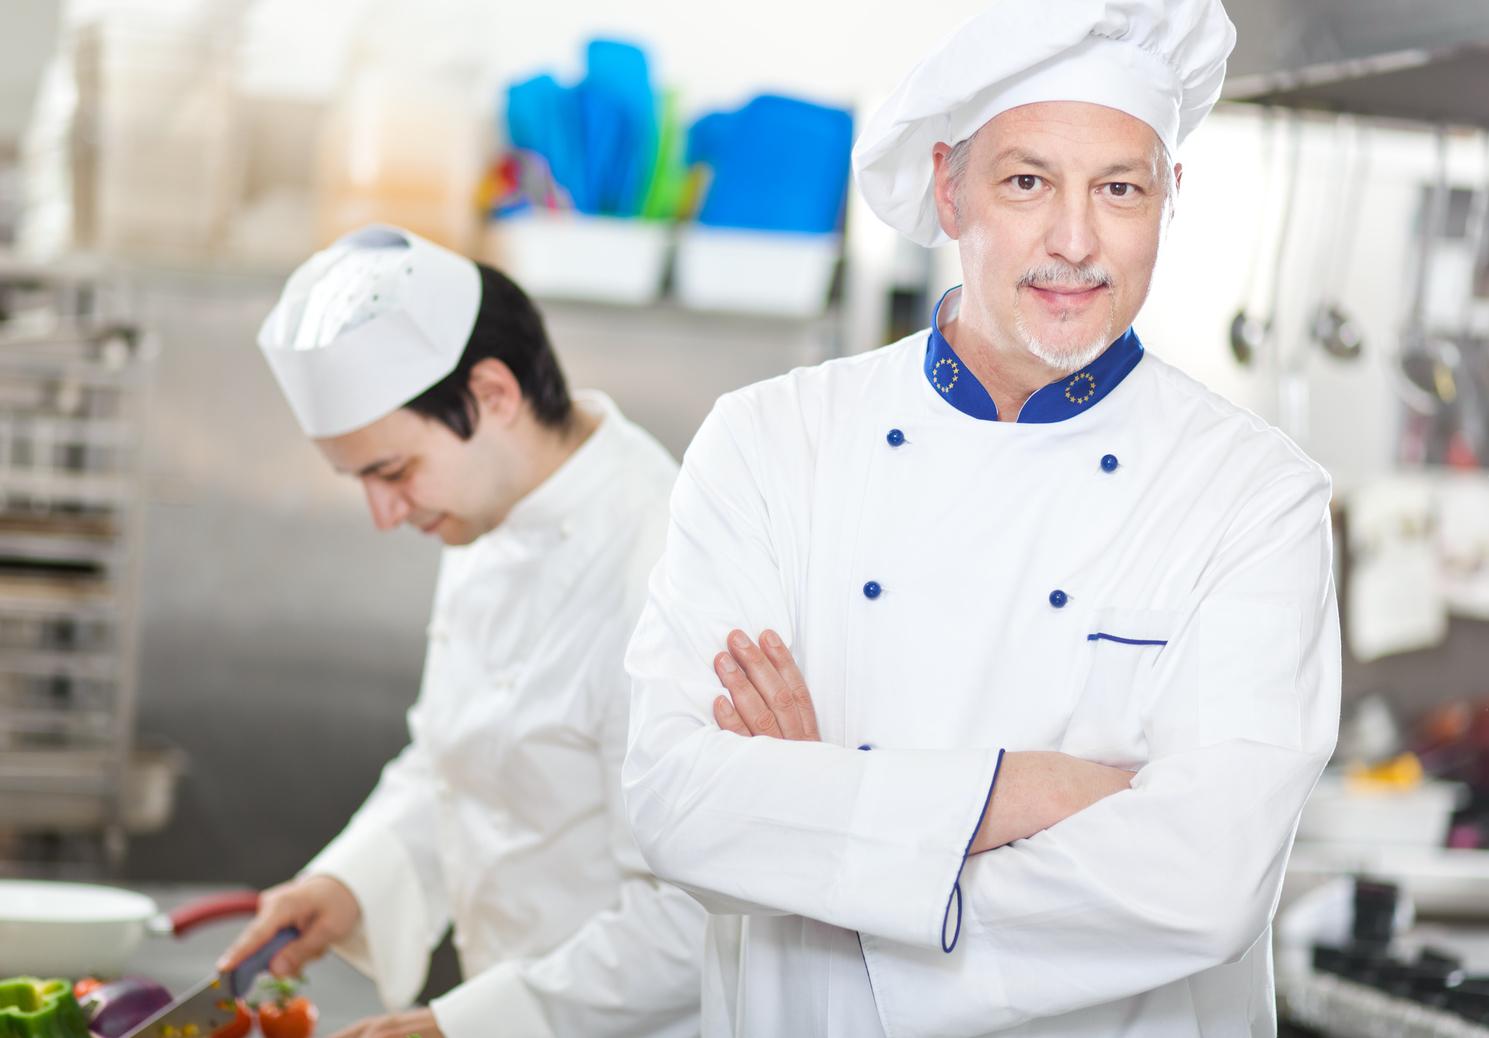 Sprawne działanie gastronomii dzięki naszym systemom